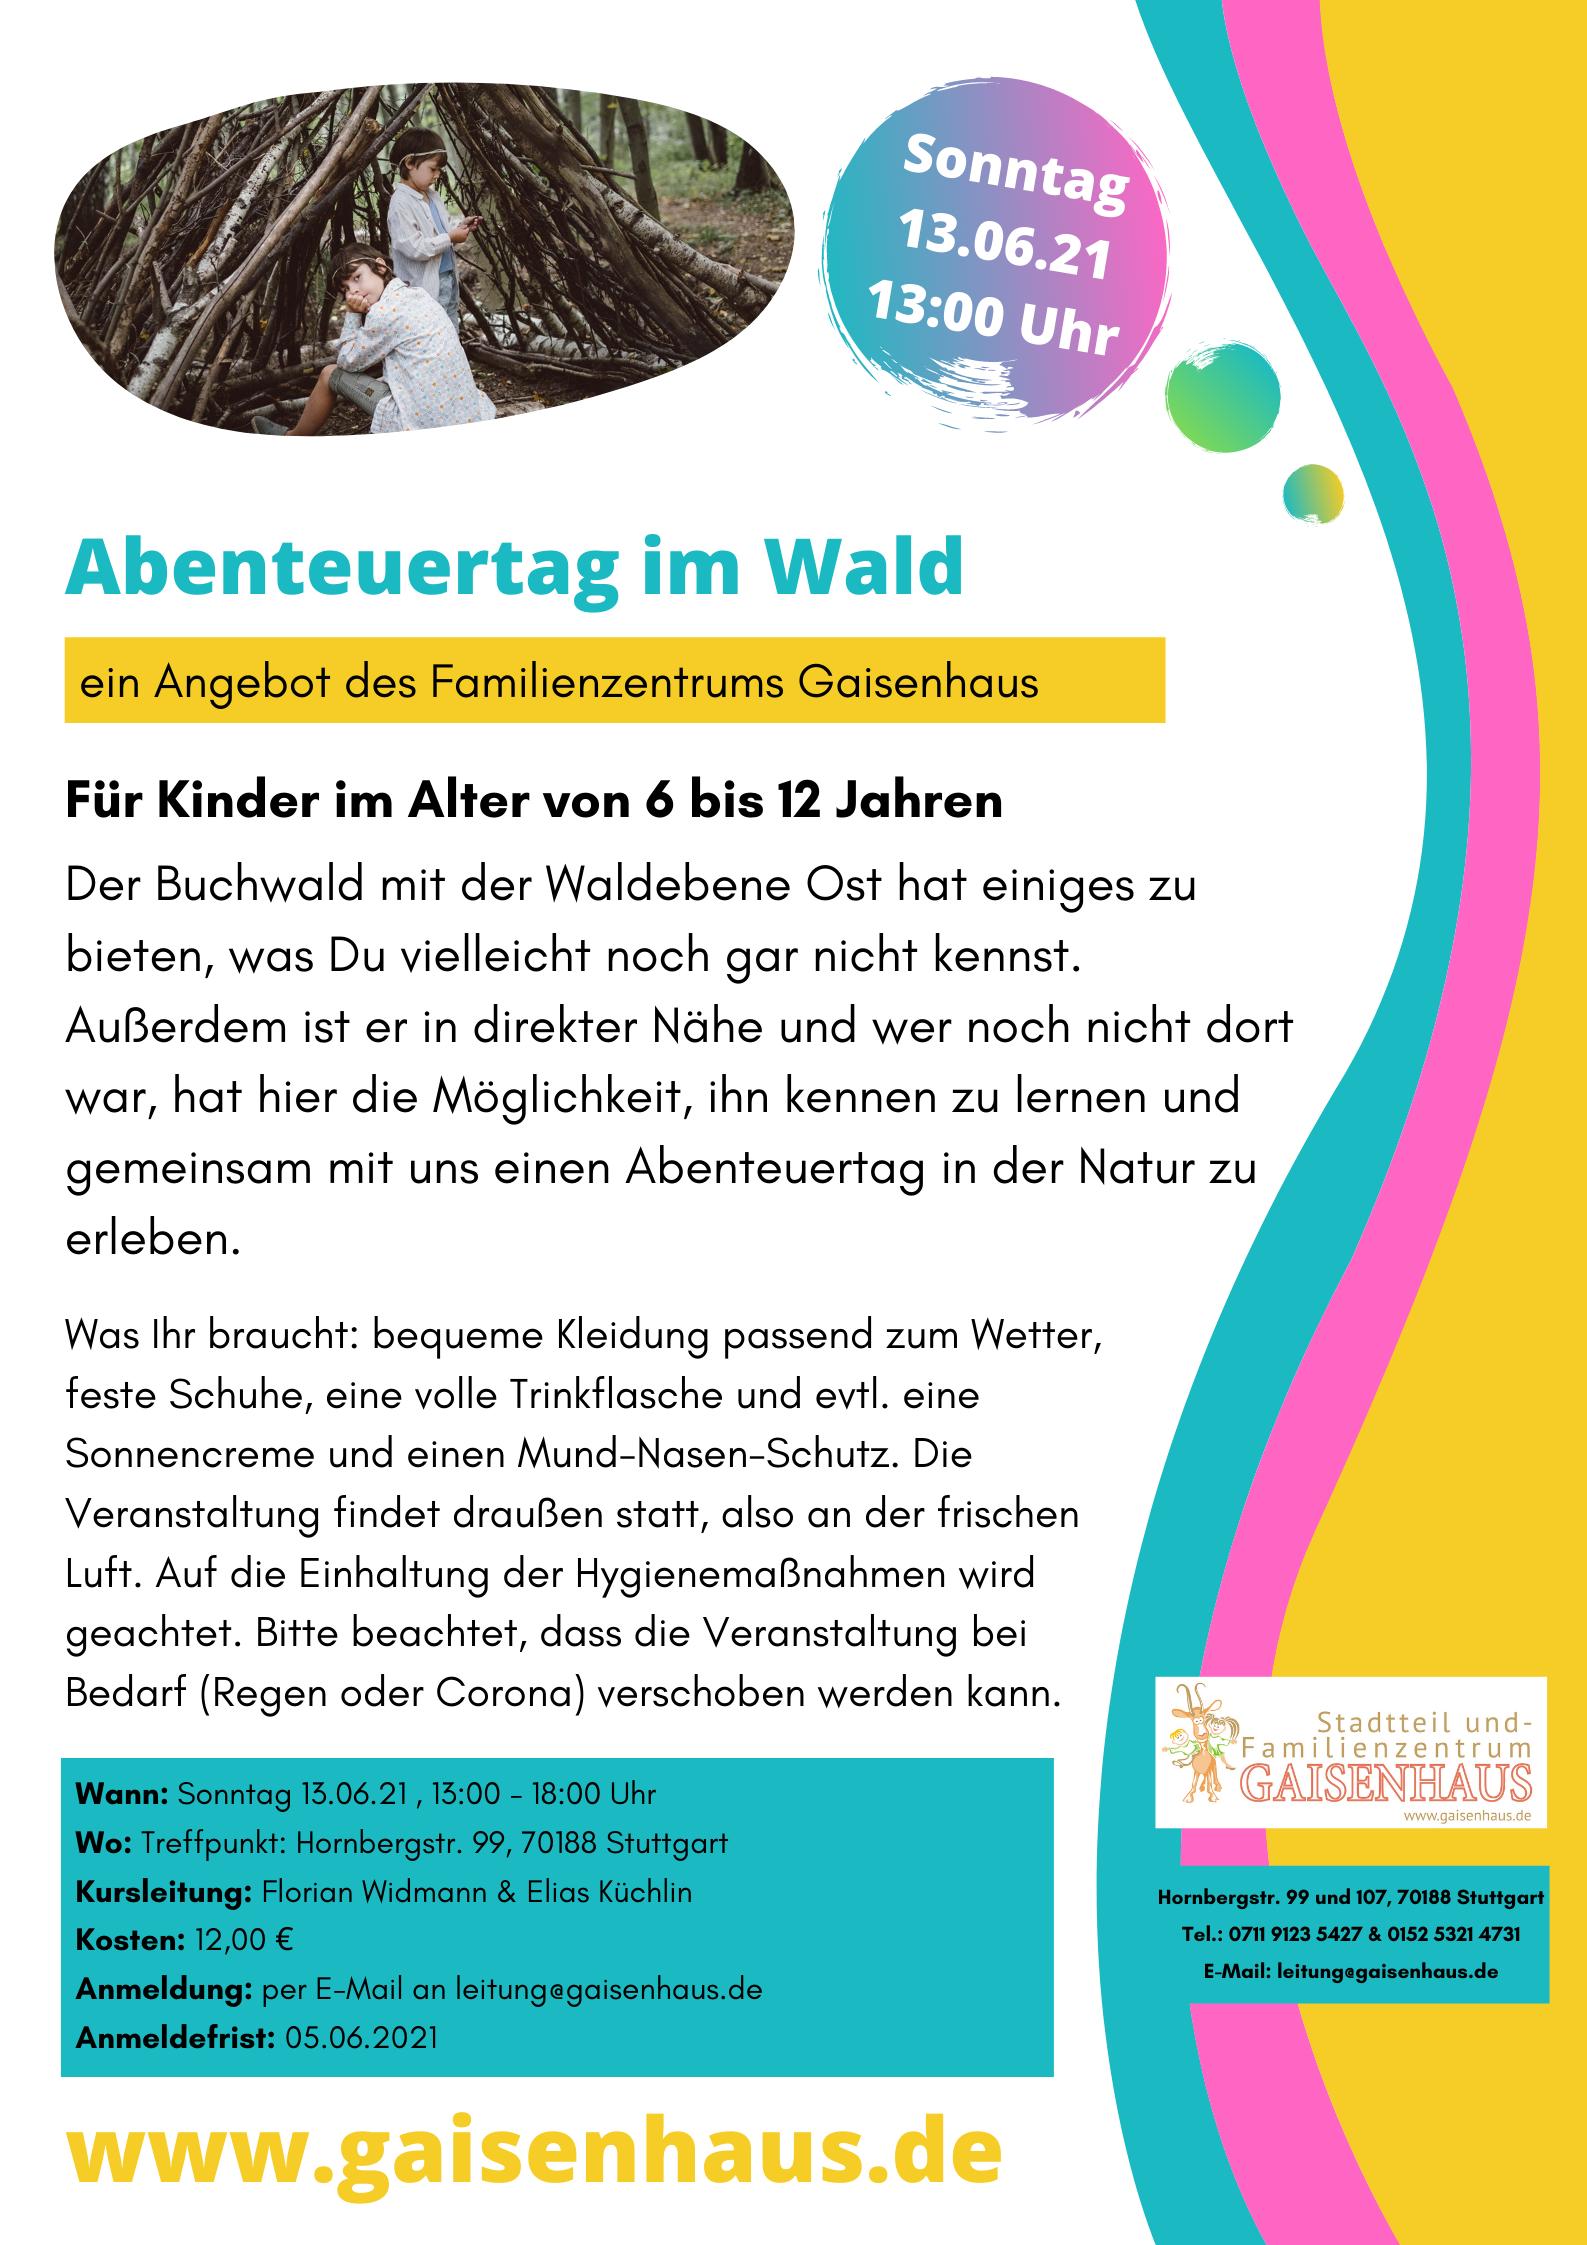 Abenteuer Wald 13.6.21 Gaisenhaus